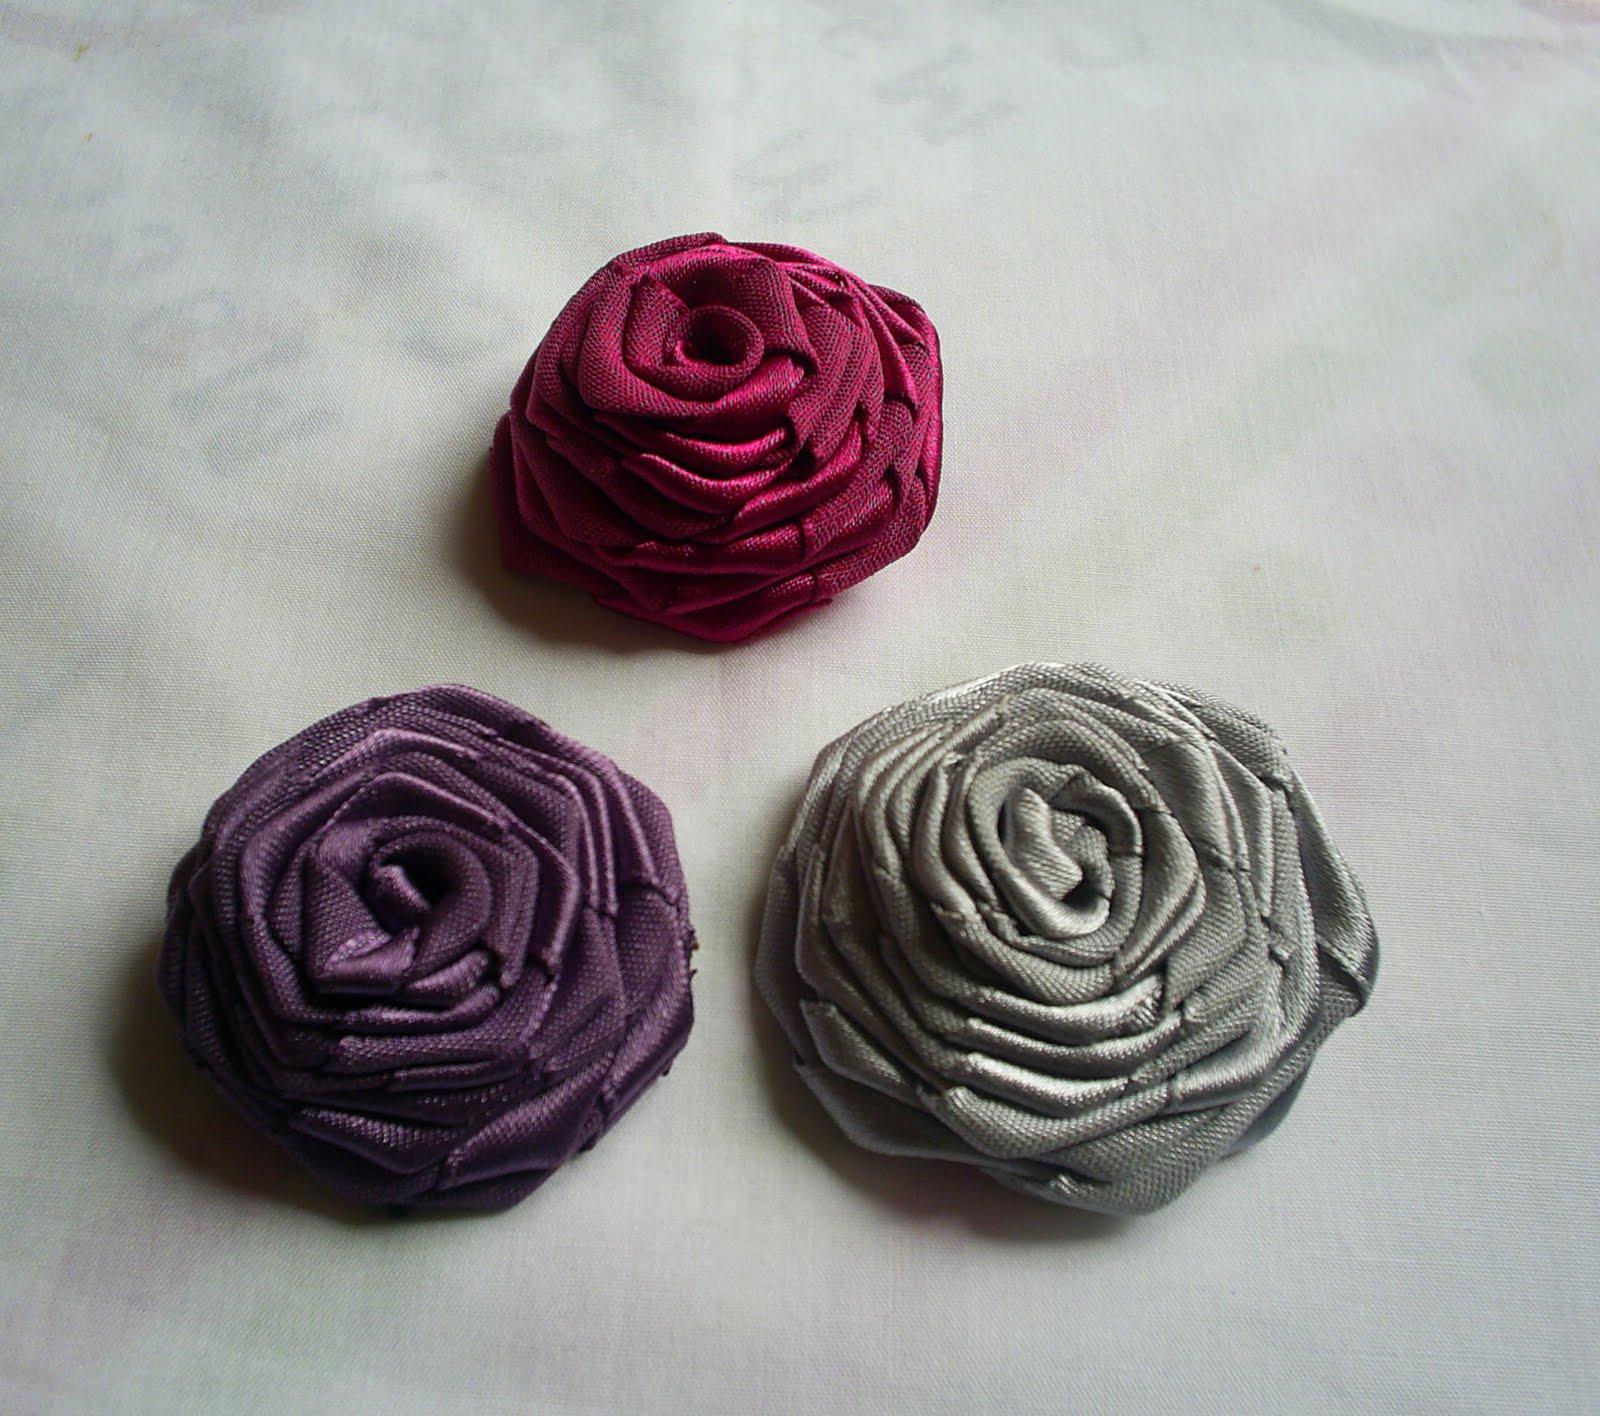 Imagenes De Flores Hechas Con Cinta - cositas para hacer con tus viejos jeans!! hoy hablamos de